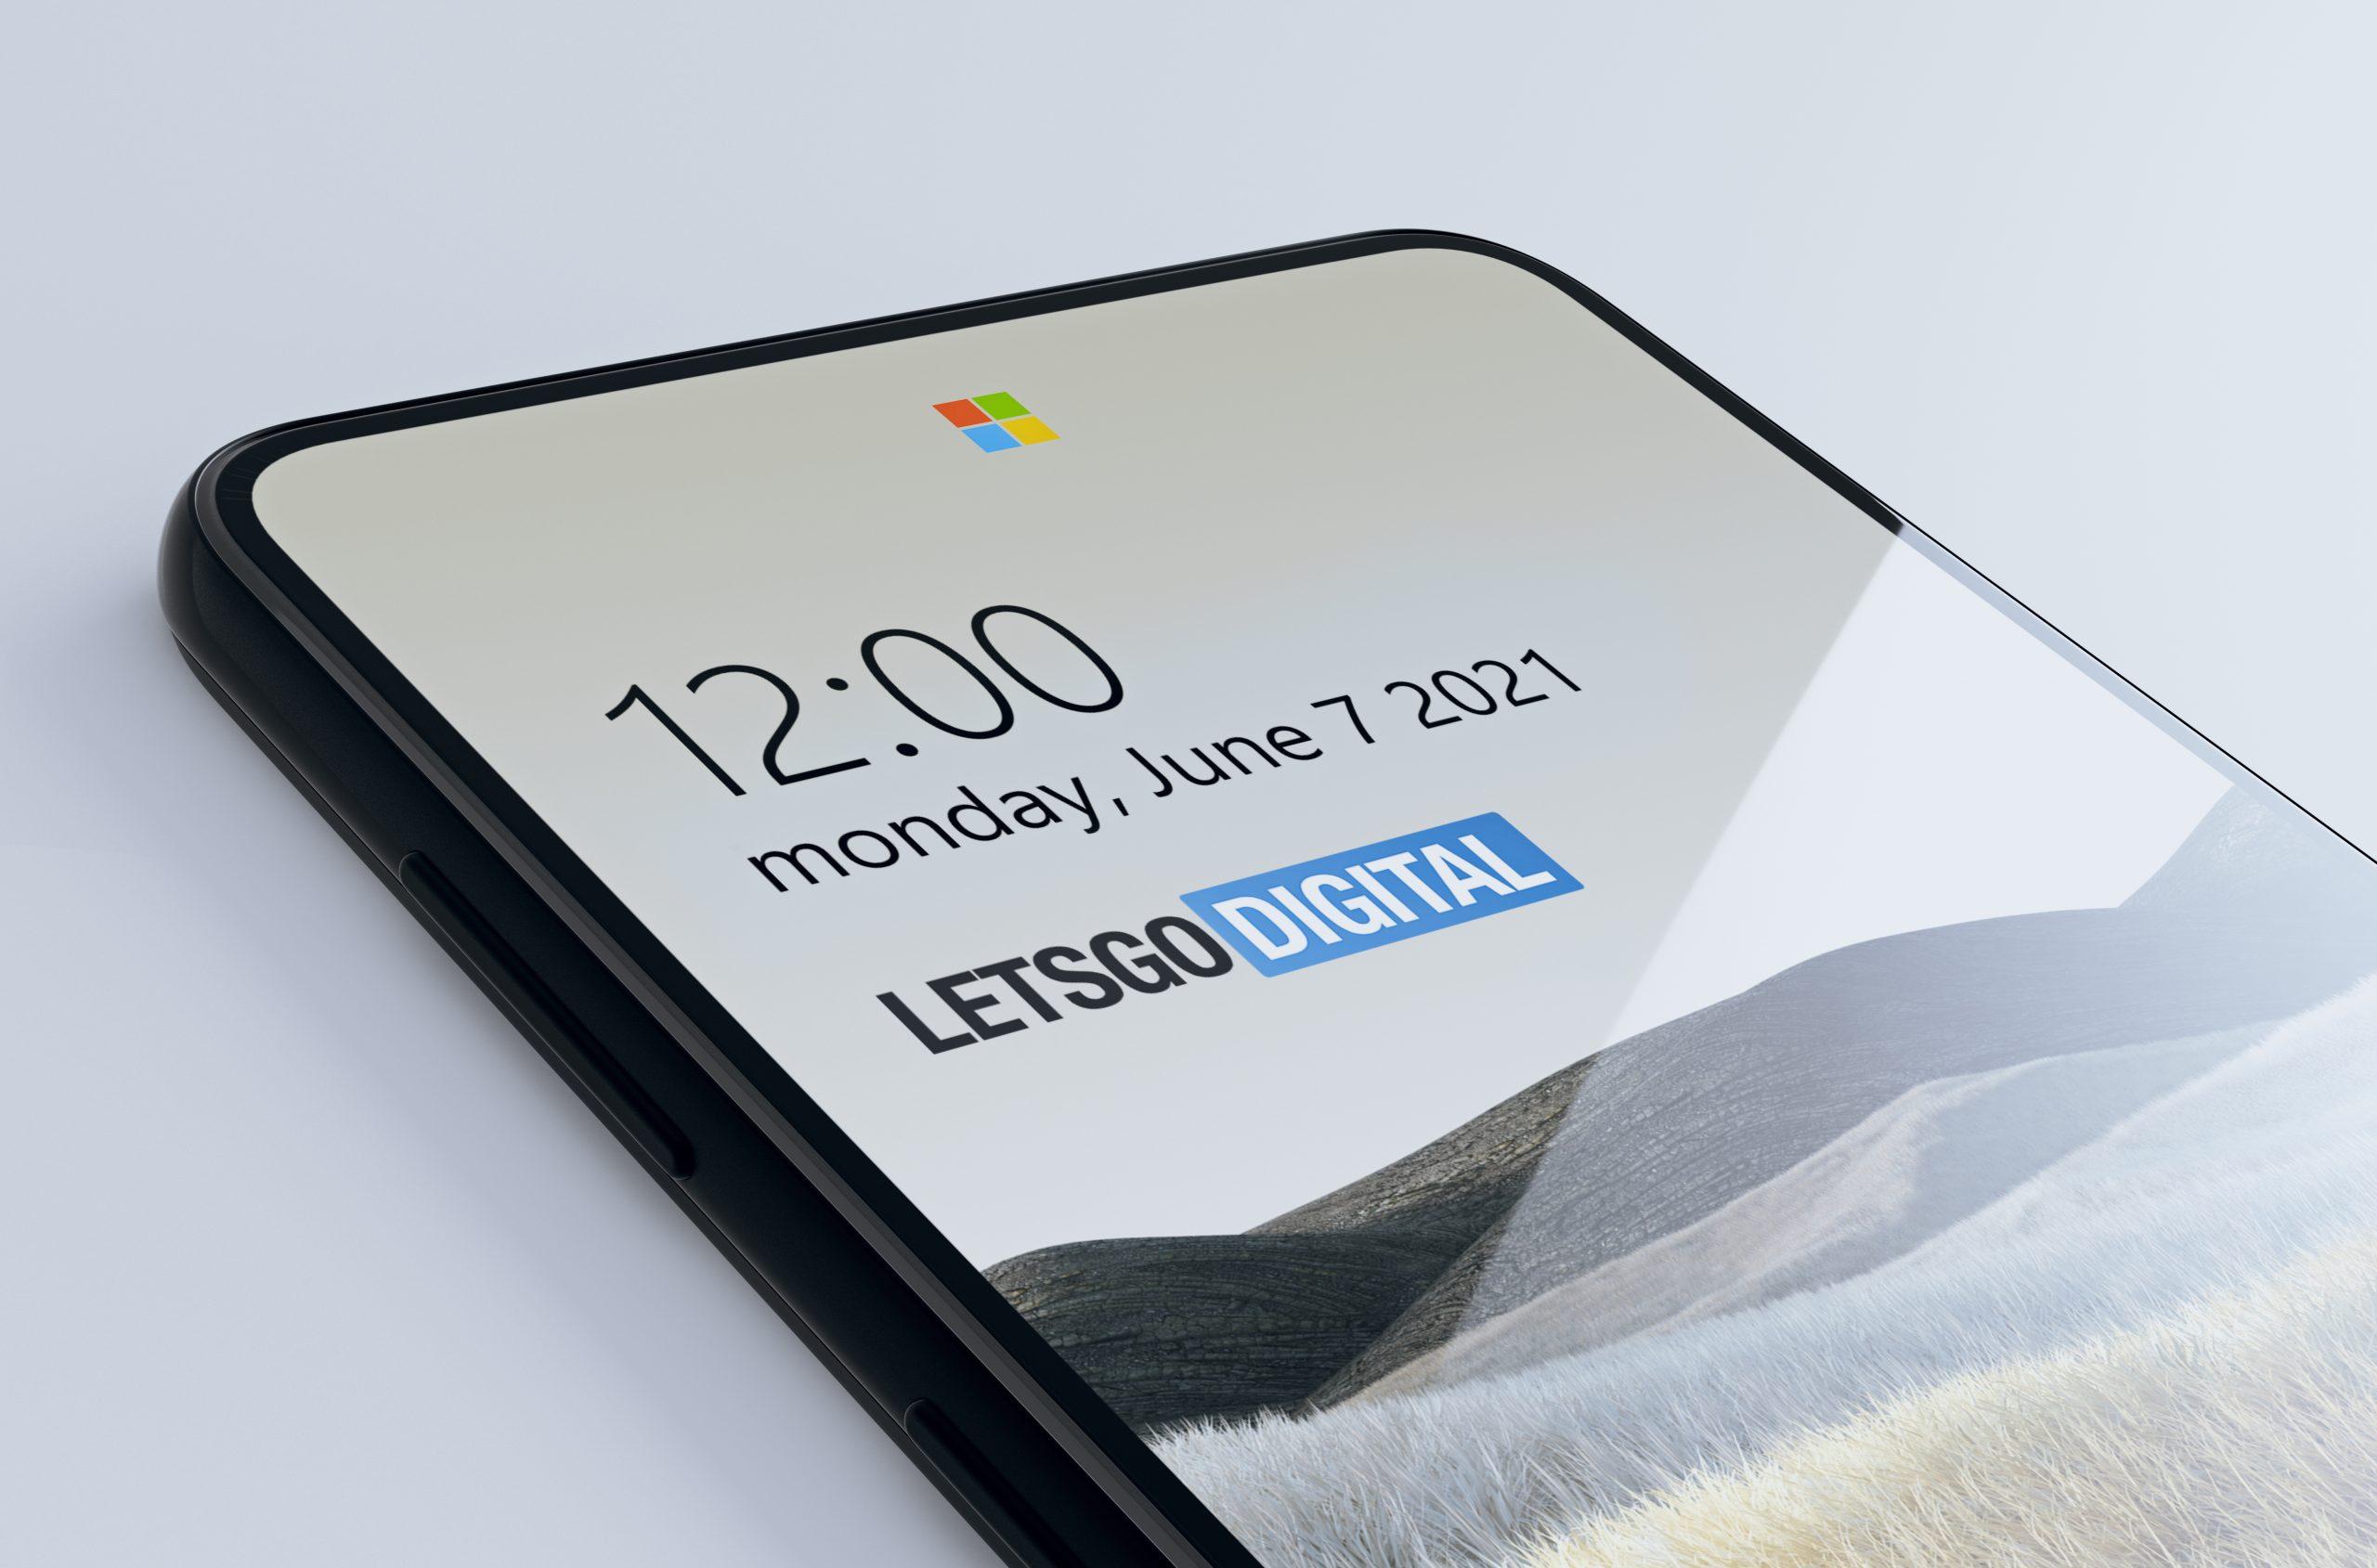 Concept brevetto Microsoft Surface Duo - Fotocamera-logo sotto il display